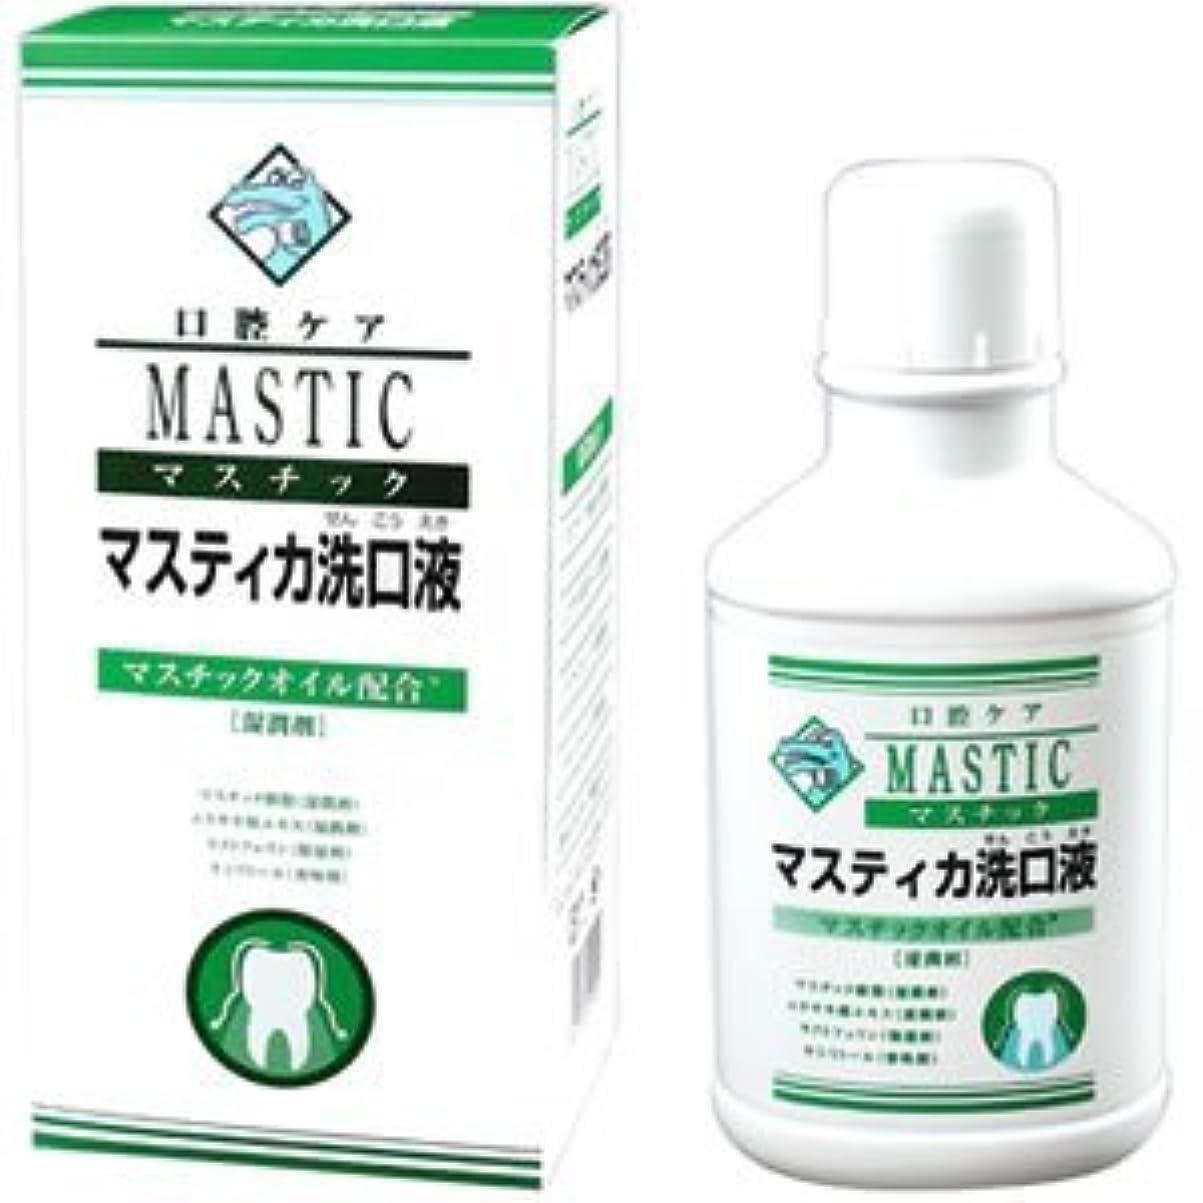 契約した保証金時制マスチック マスティカ 洗口液 480mL